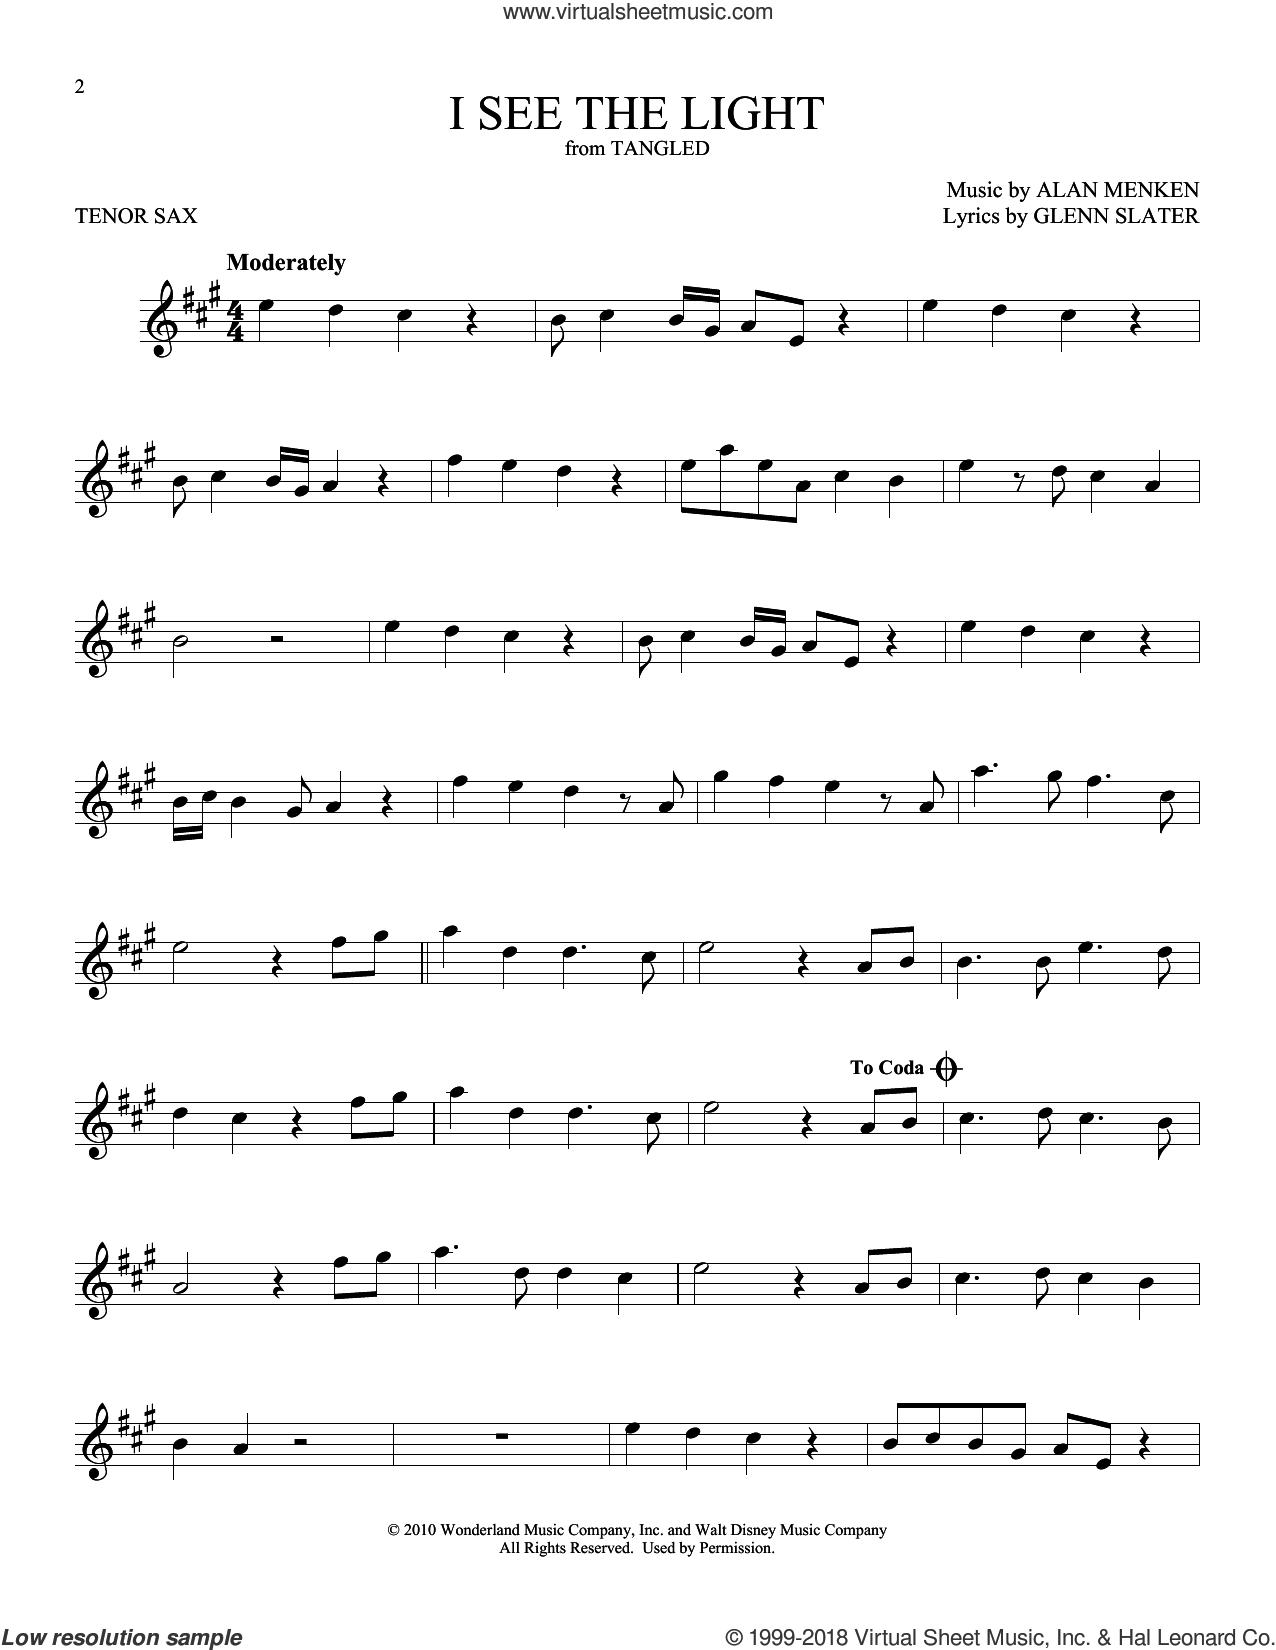 I See The Light sheet music for tenor saxophone solo by Alan Menken and Glenn Slater, intermediate skill level